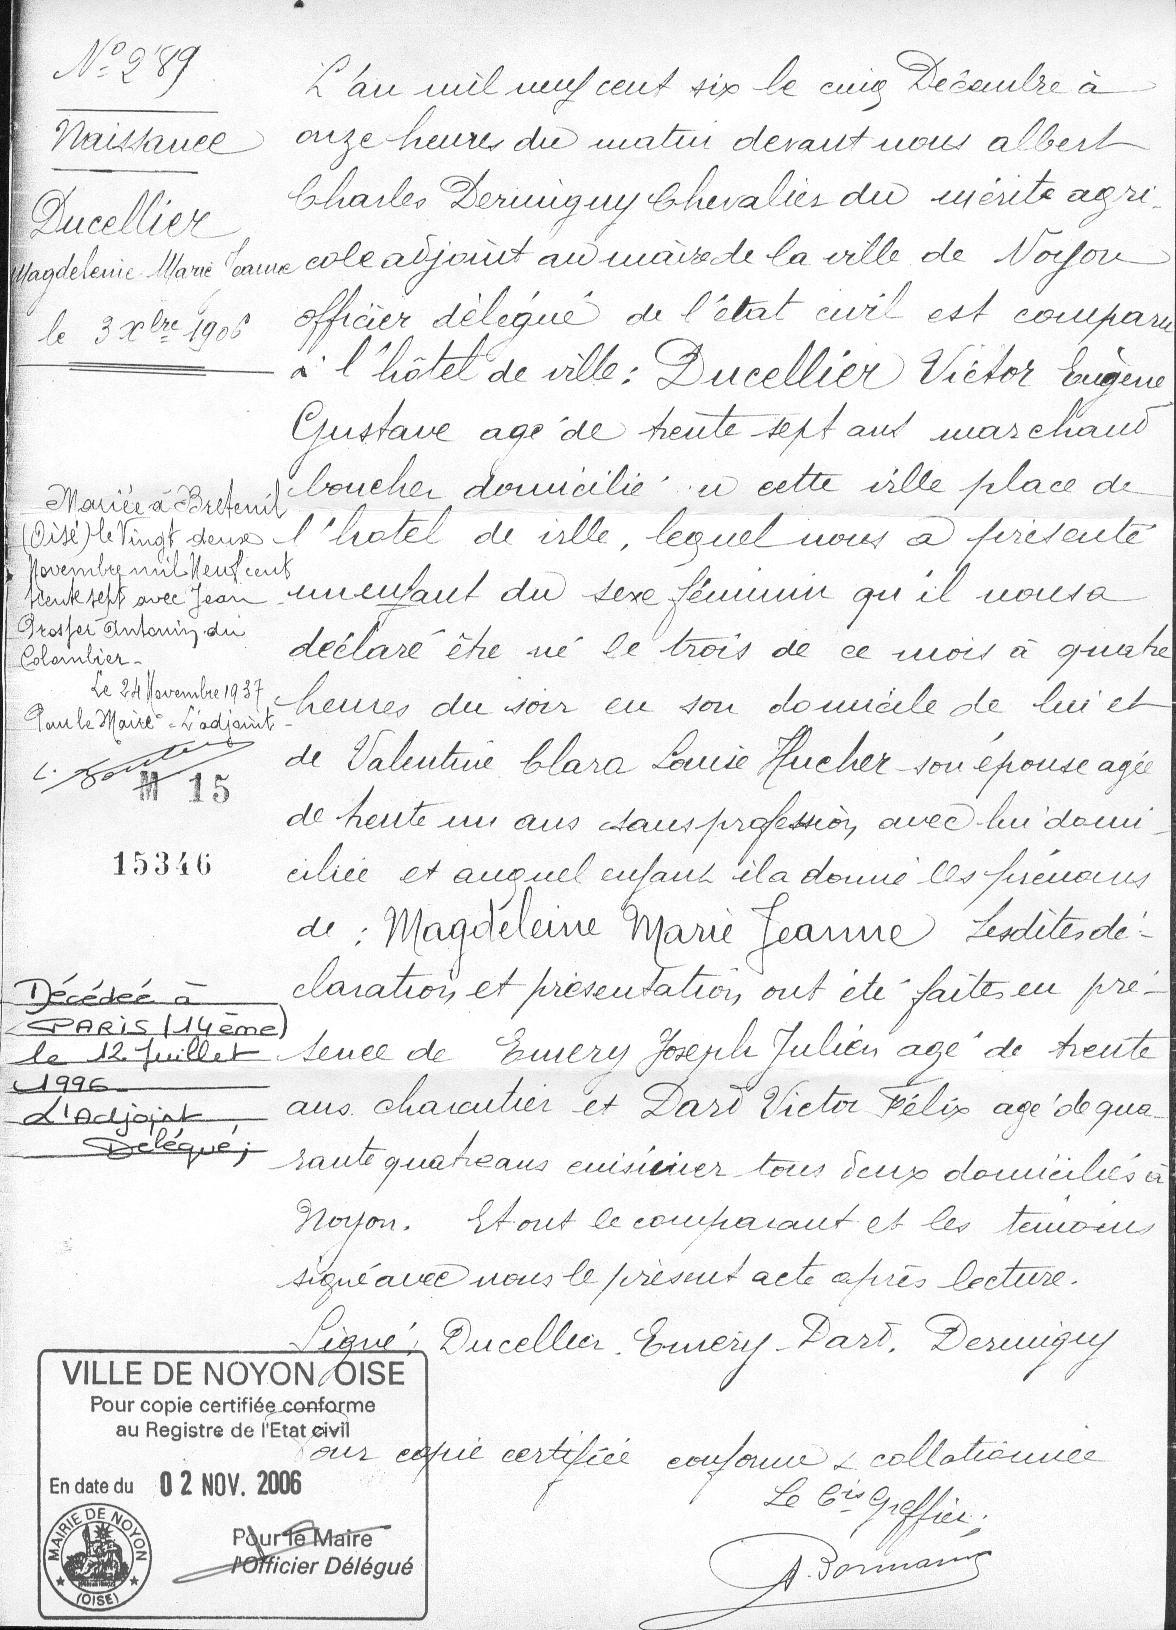 ° 1906 DUCELLIER Magdeleine Marie Jeanne